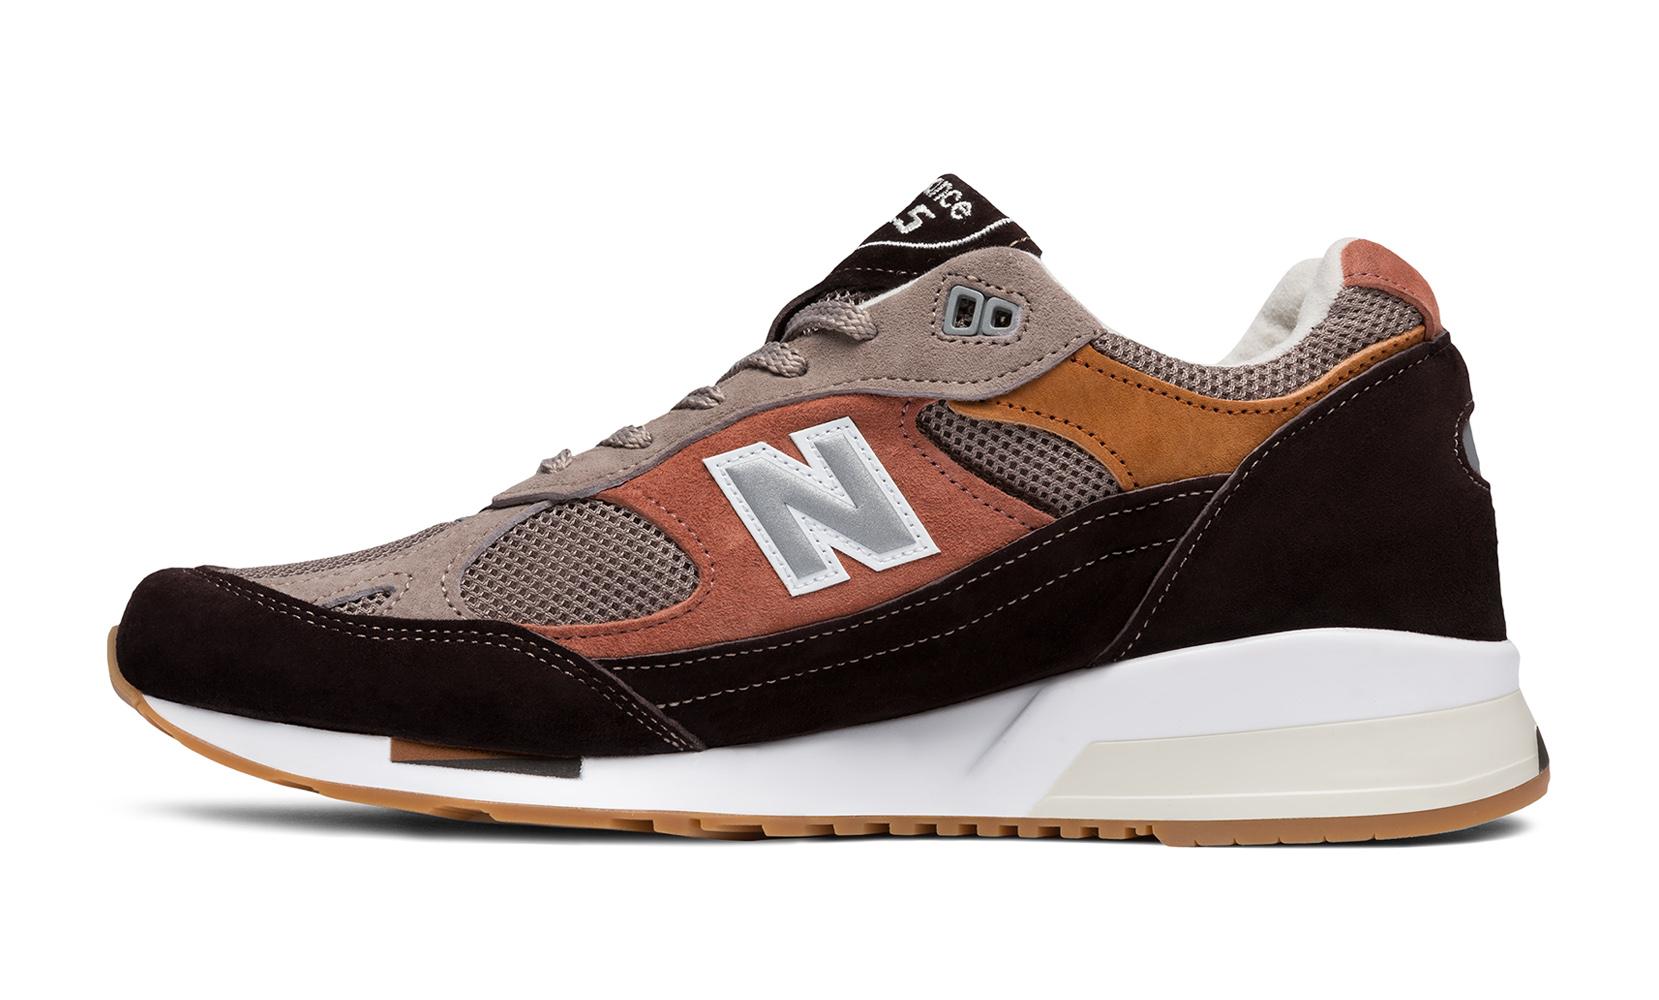 Чоловіче взуття повсякденне New Balance 991 M9915FT | New Balance